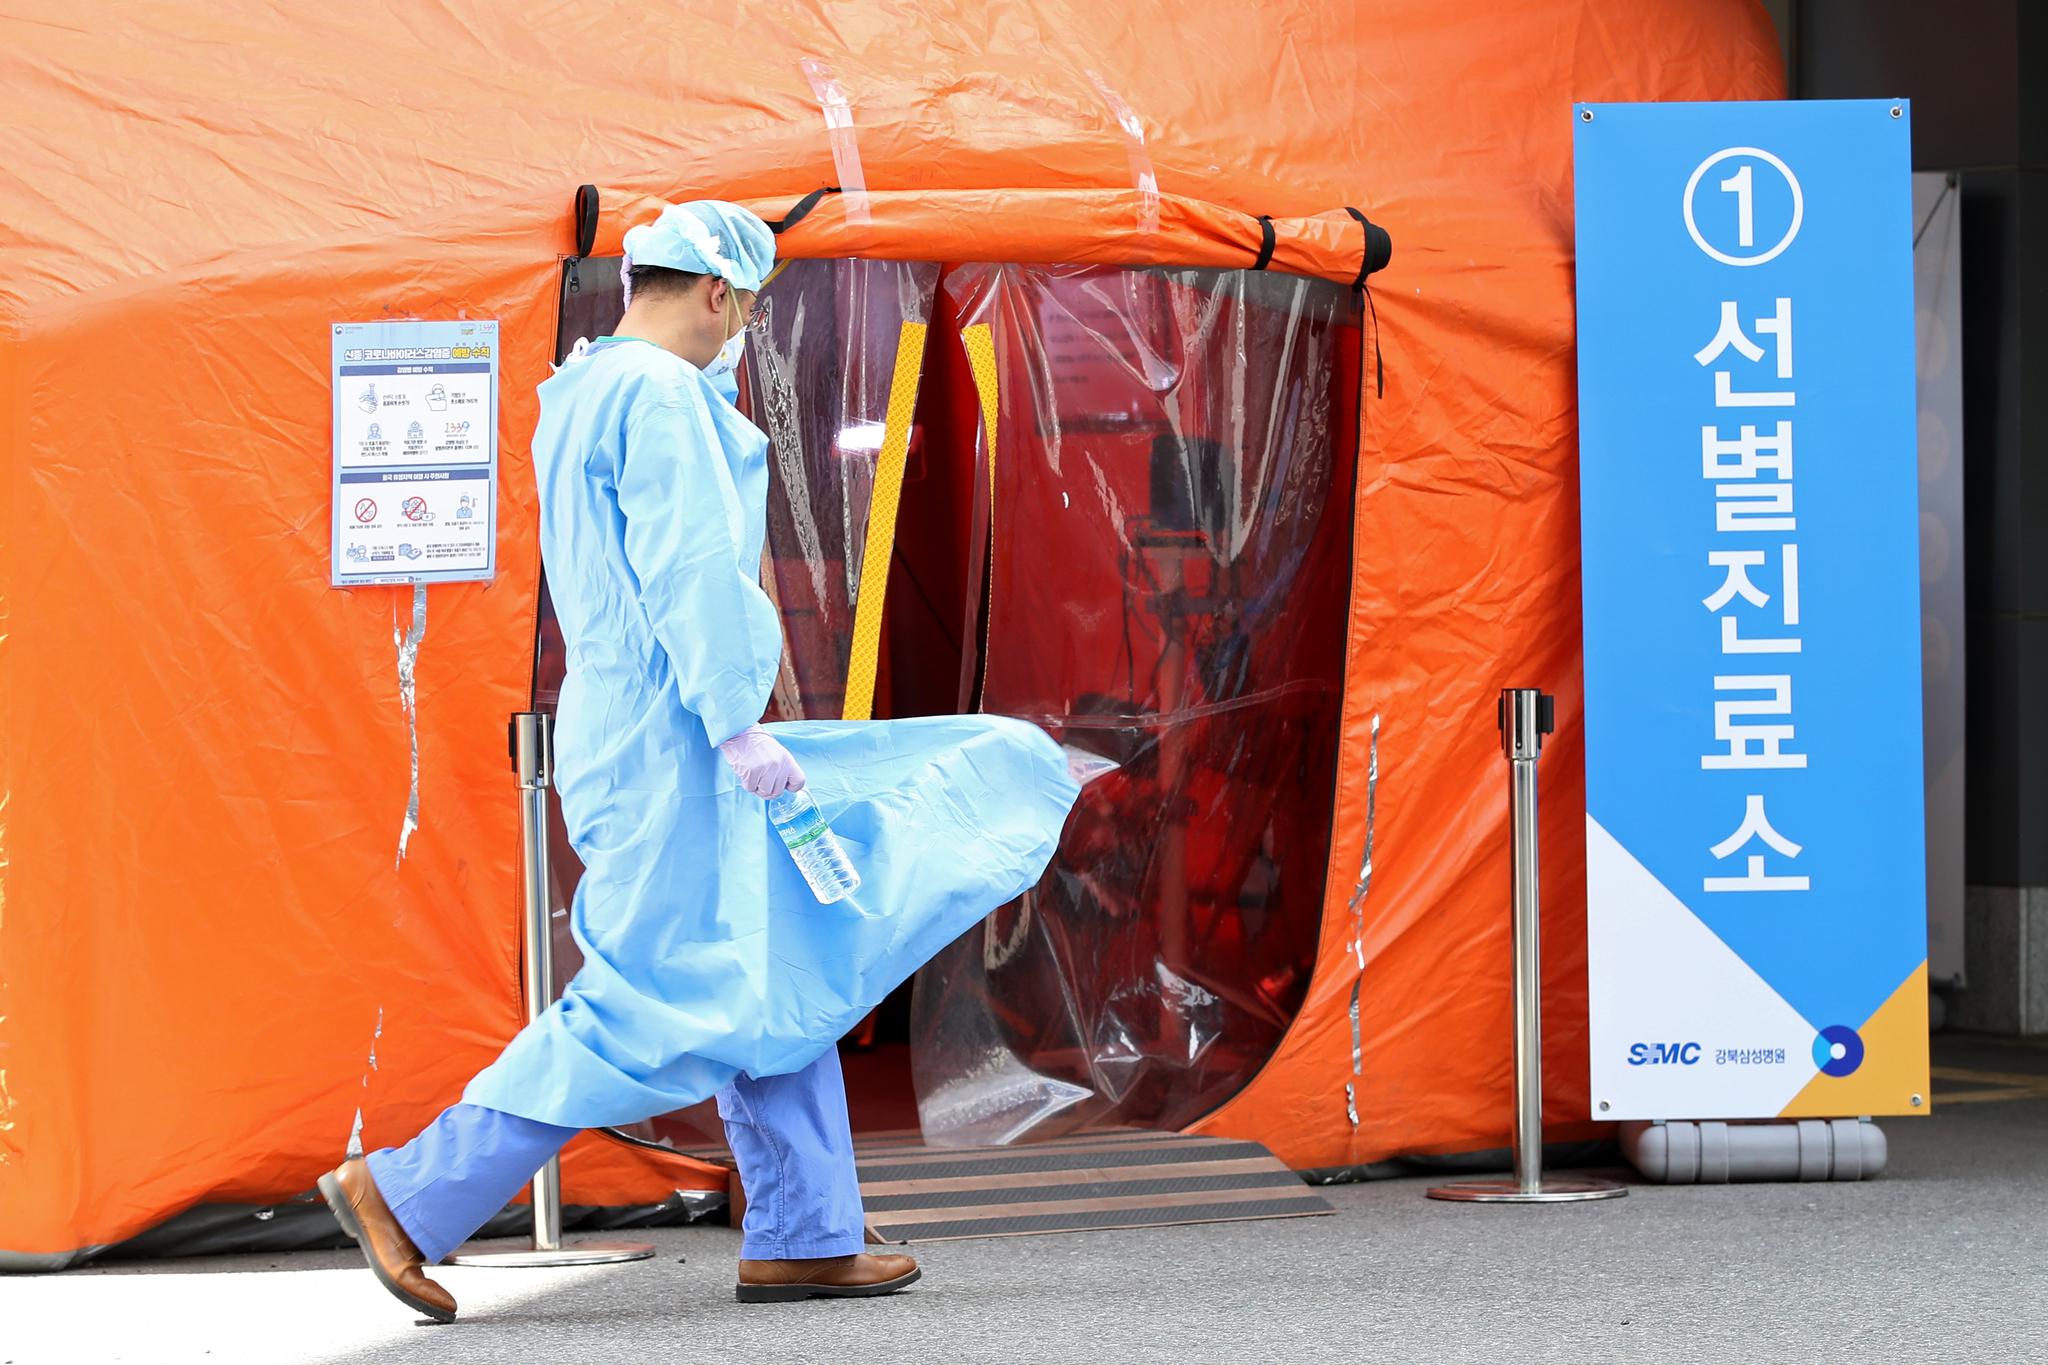 전국에 강풍 경보가 발효된 19일 오후 서울 종로구 강북삼성병원에 마련된 선별진료소 앞을 지나가는 의료진의 의료가운이 바람에 펄럭이고 있다. 연합뉴스